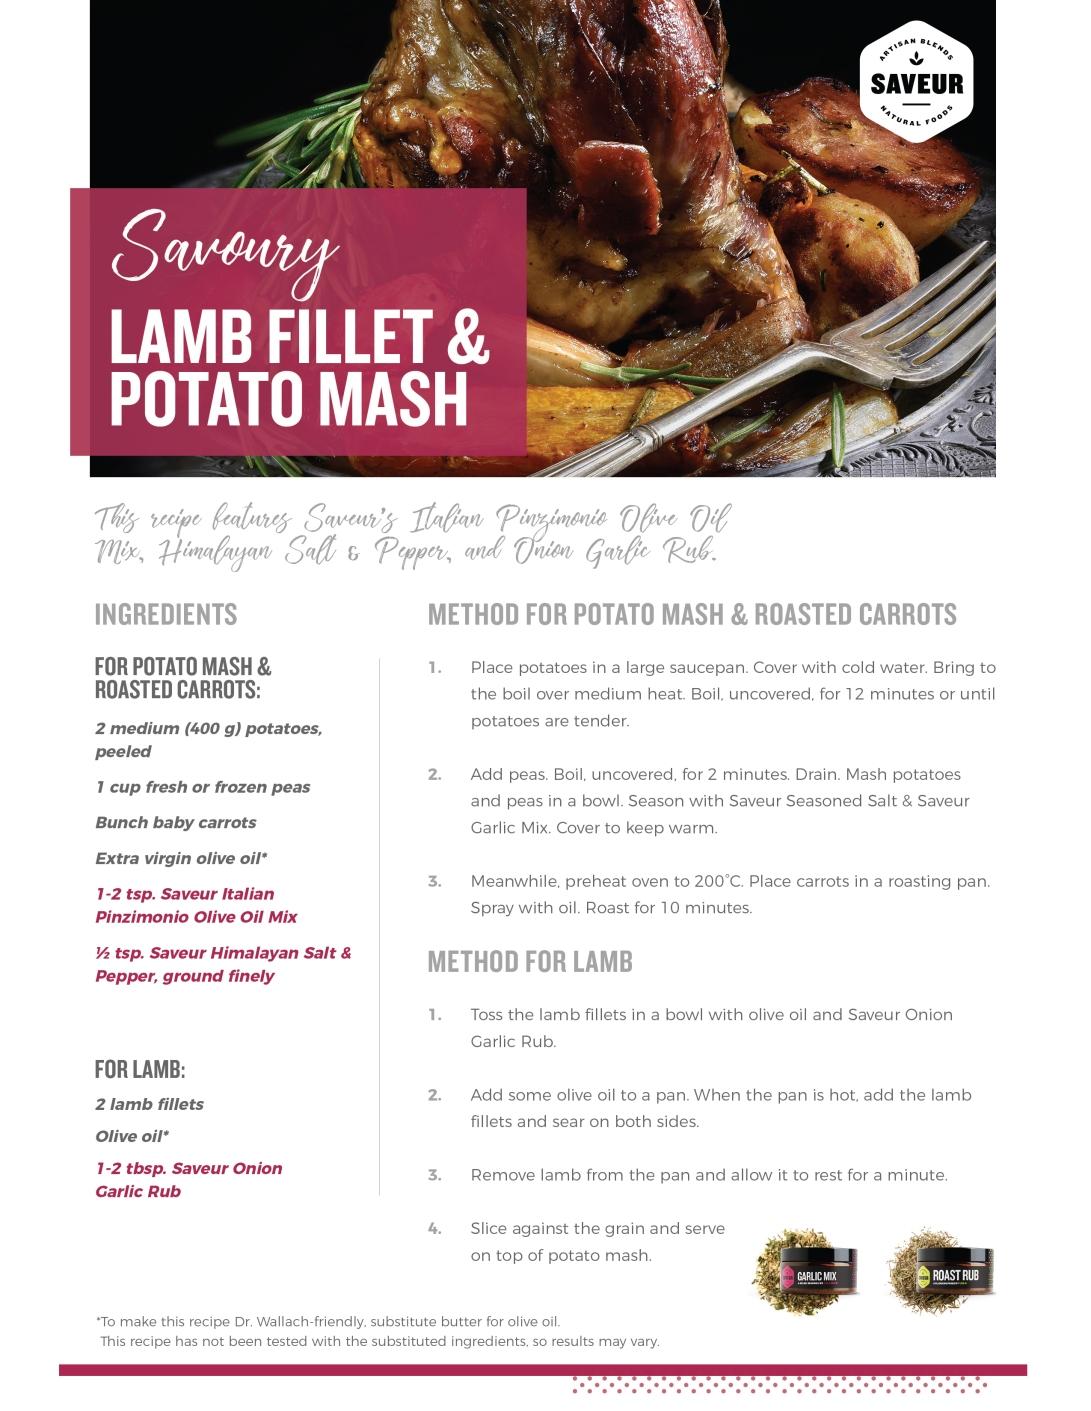 Lamb-Fillet-Potato-Mash